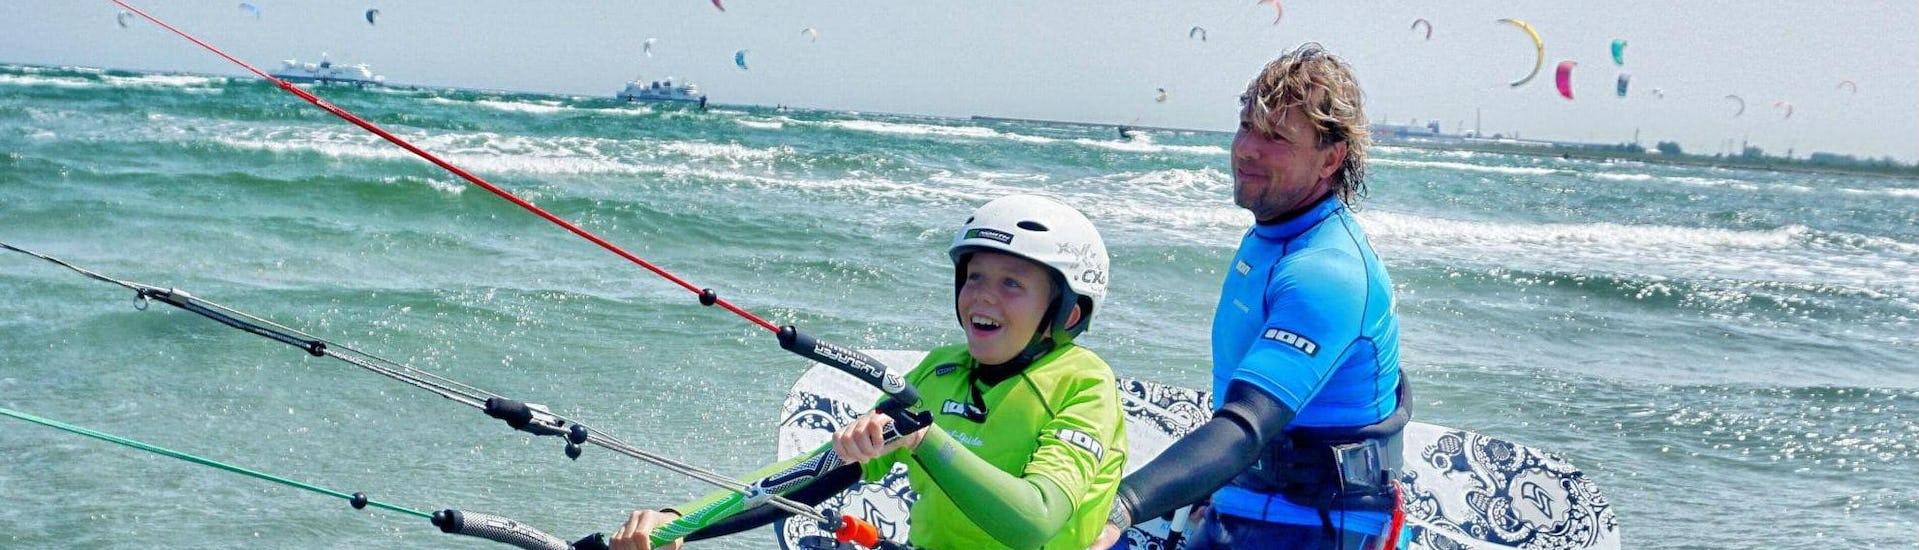 Kitesurfing Kids Camp - Beginner